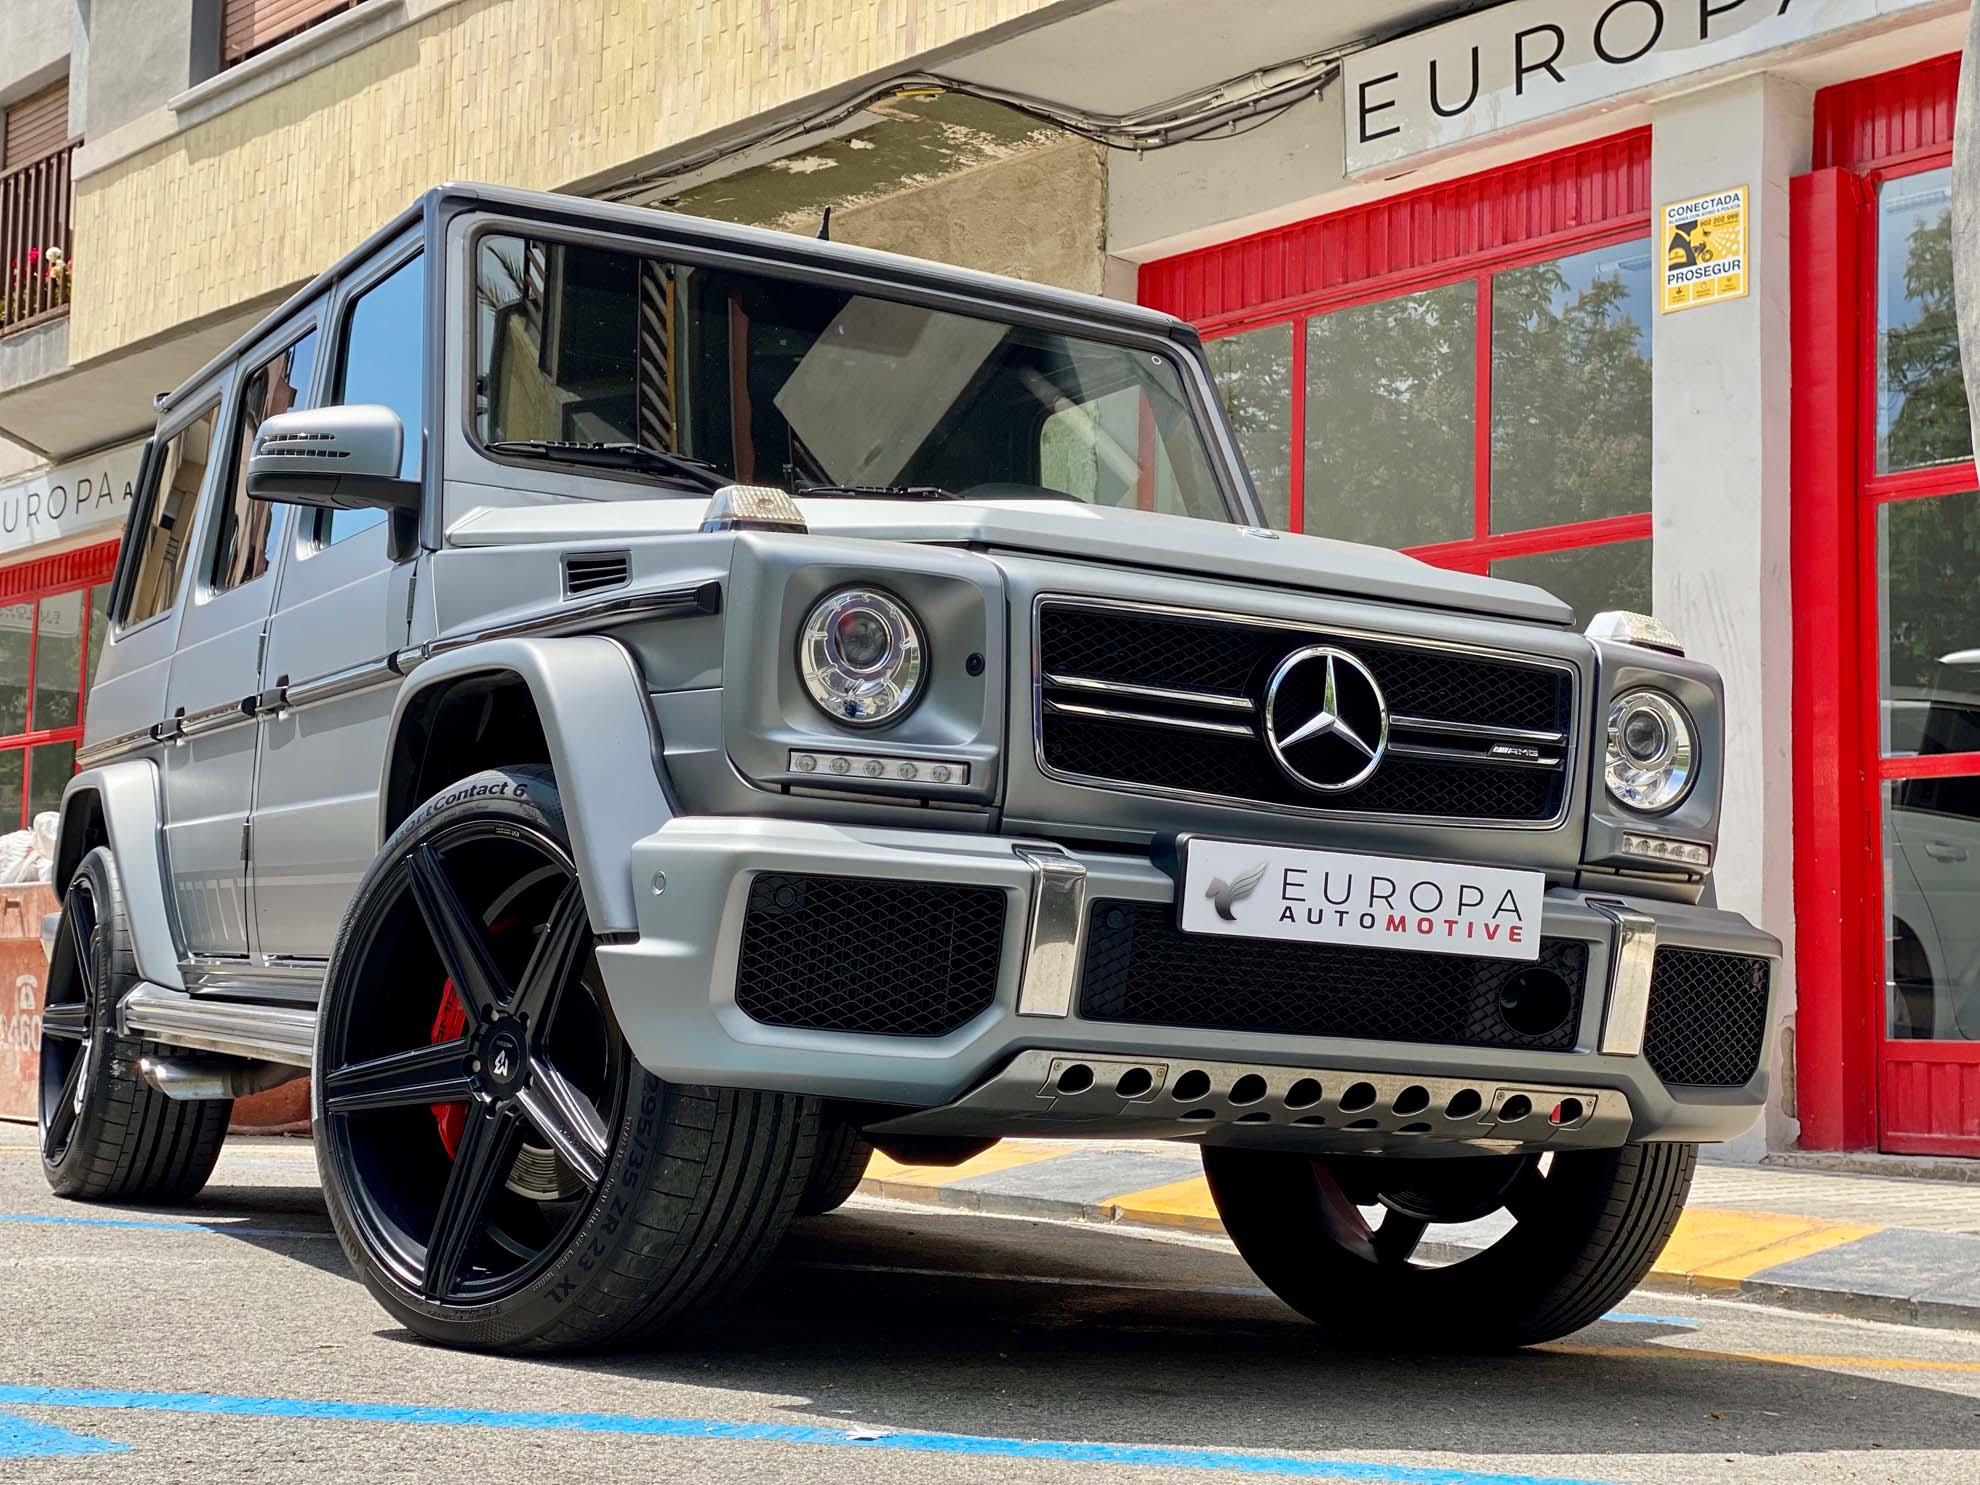 Importar un coche de Alemania - Mercedes AMG Clase G G63 - Europa Automotive